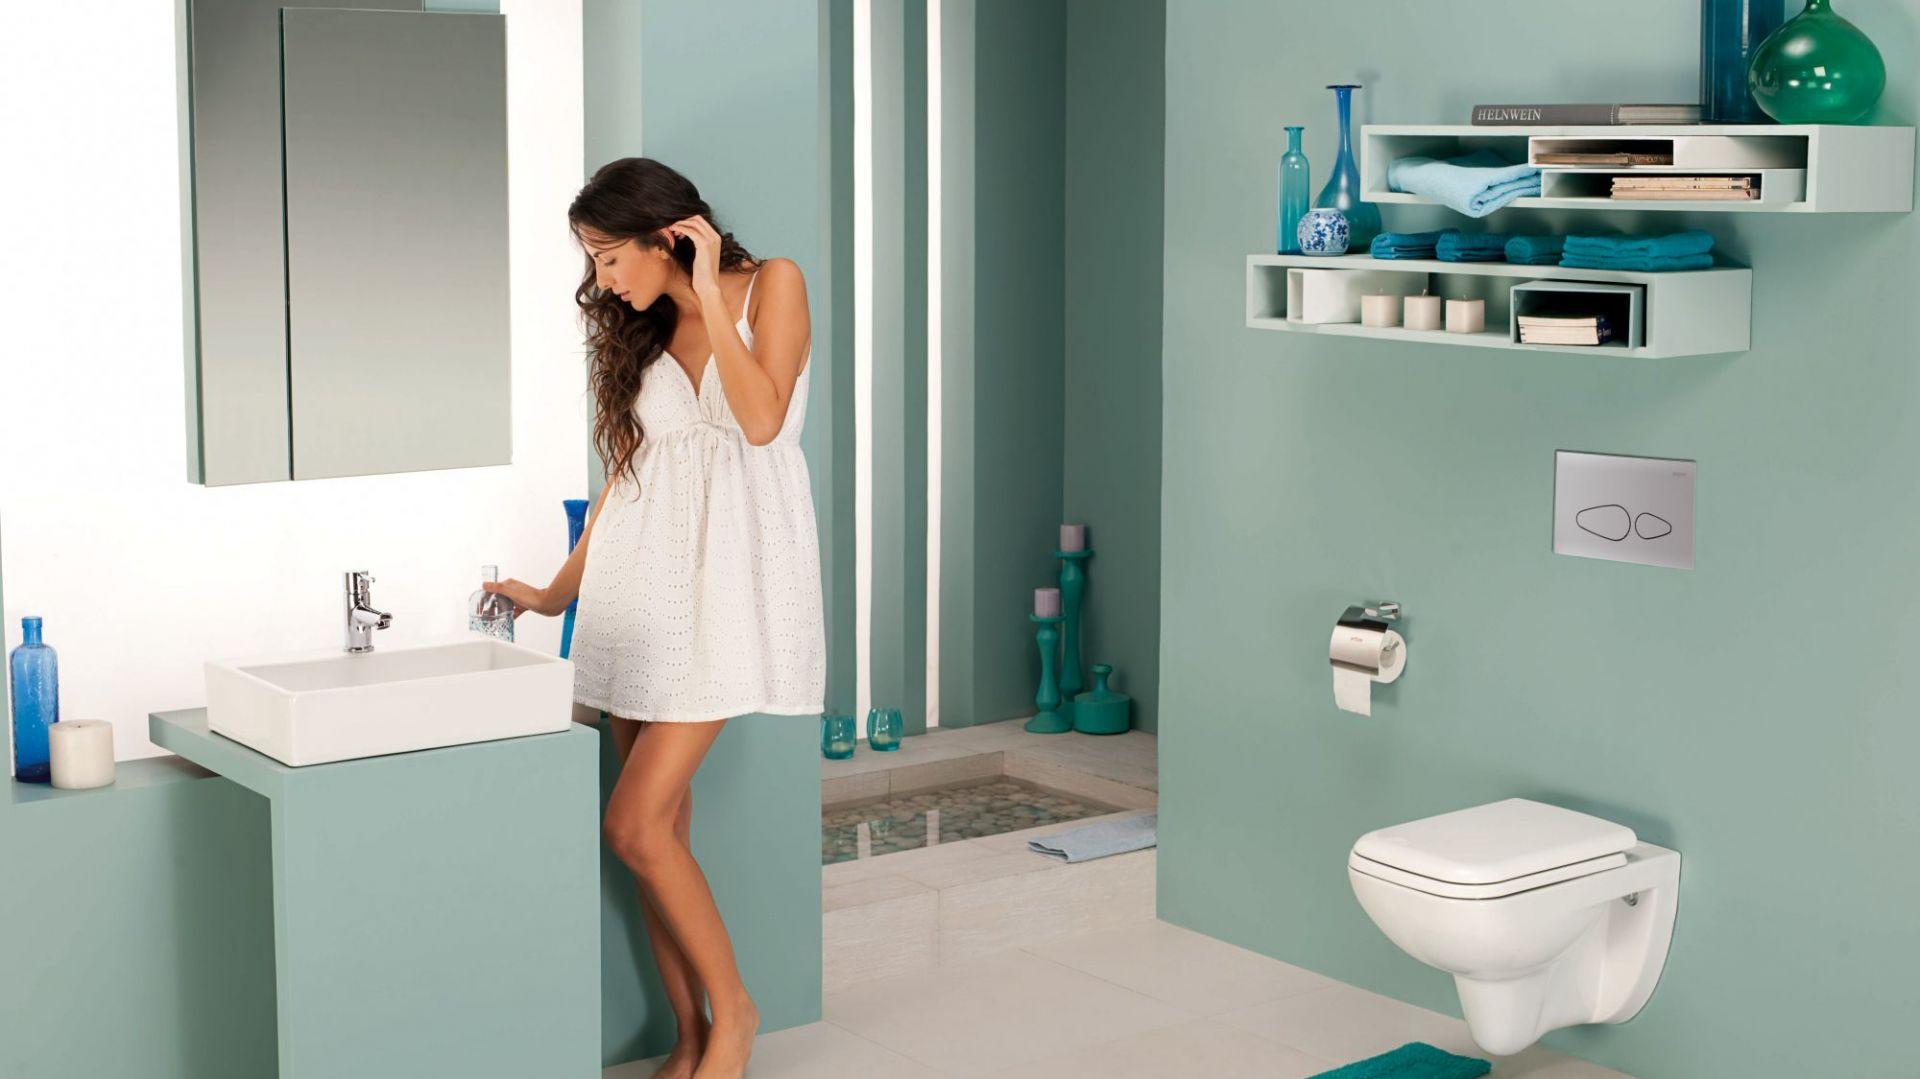 Nowoczesna łazienka to nie zwyczajna toaleta, ale raczej pokój kąpielowy – miejsce komfortowe i eleganckie, równie ważne co salon czy kuchnia. Fot. Jaquar